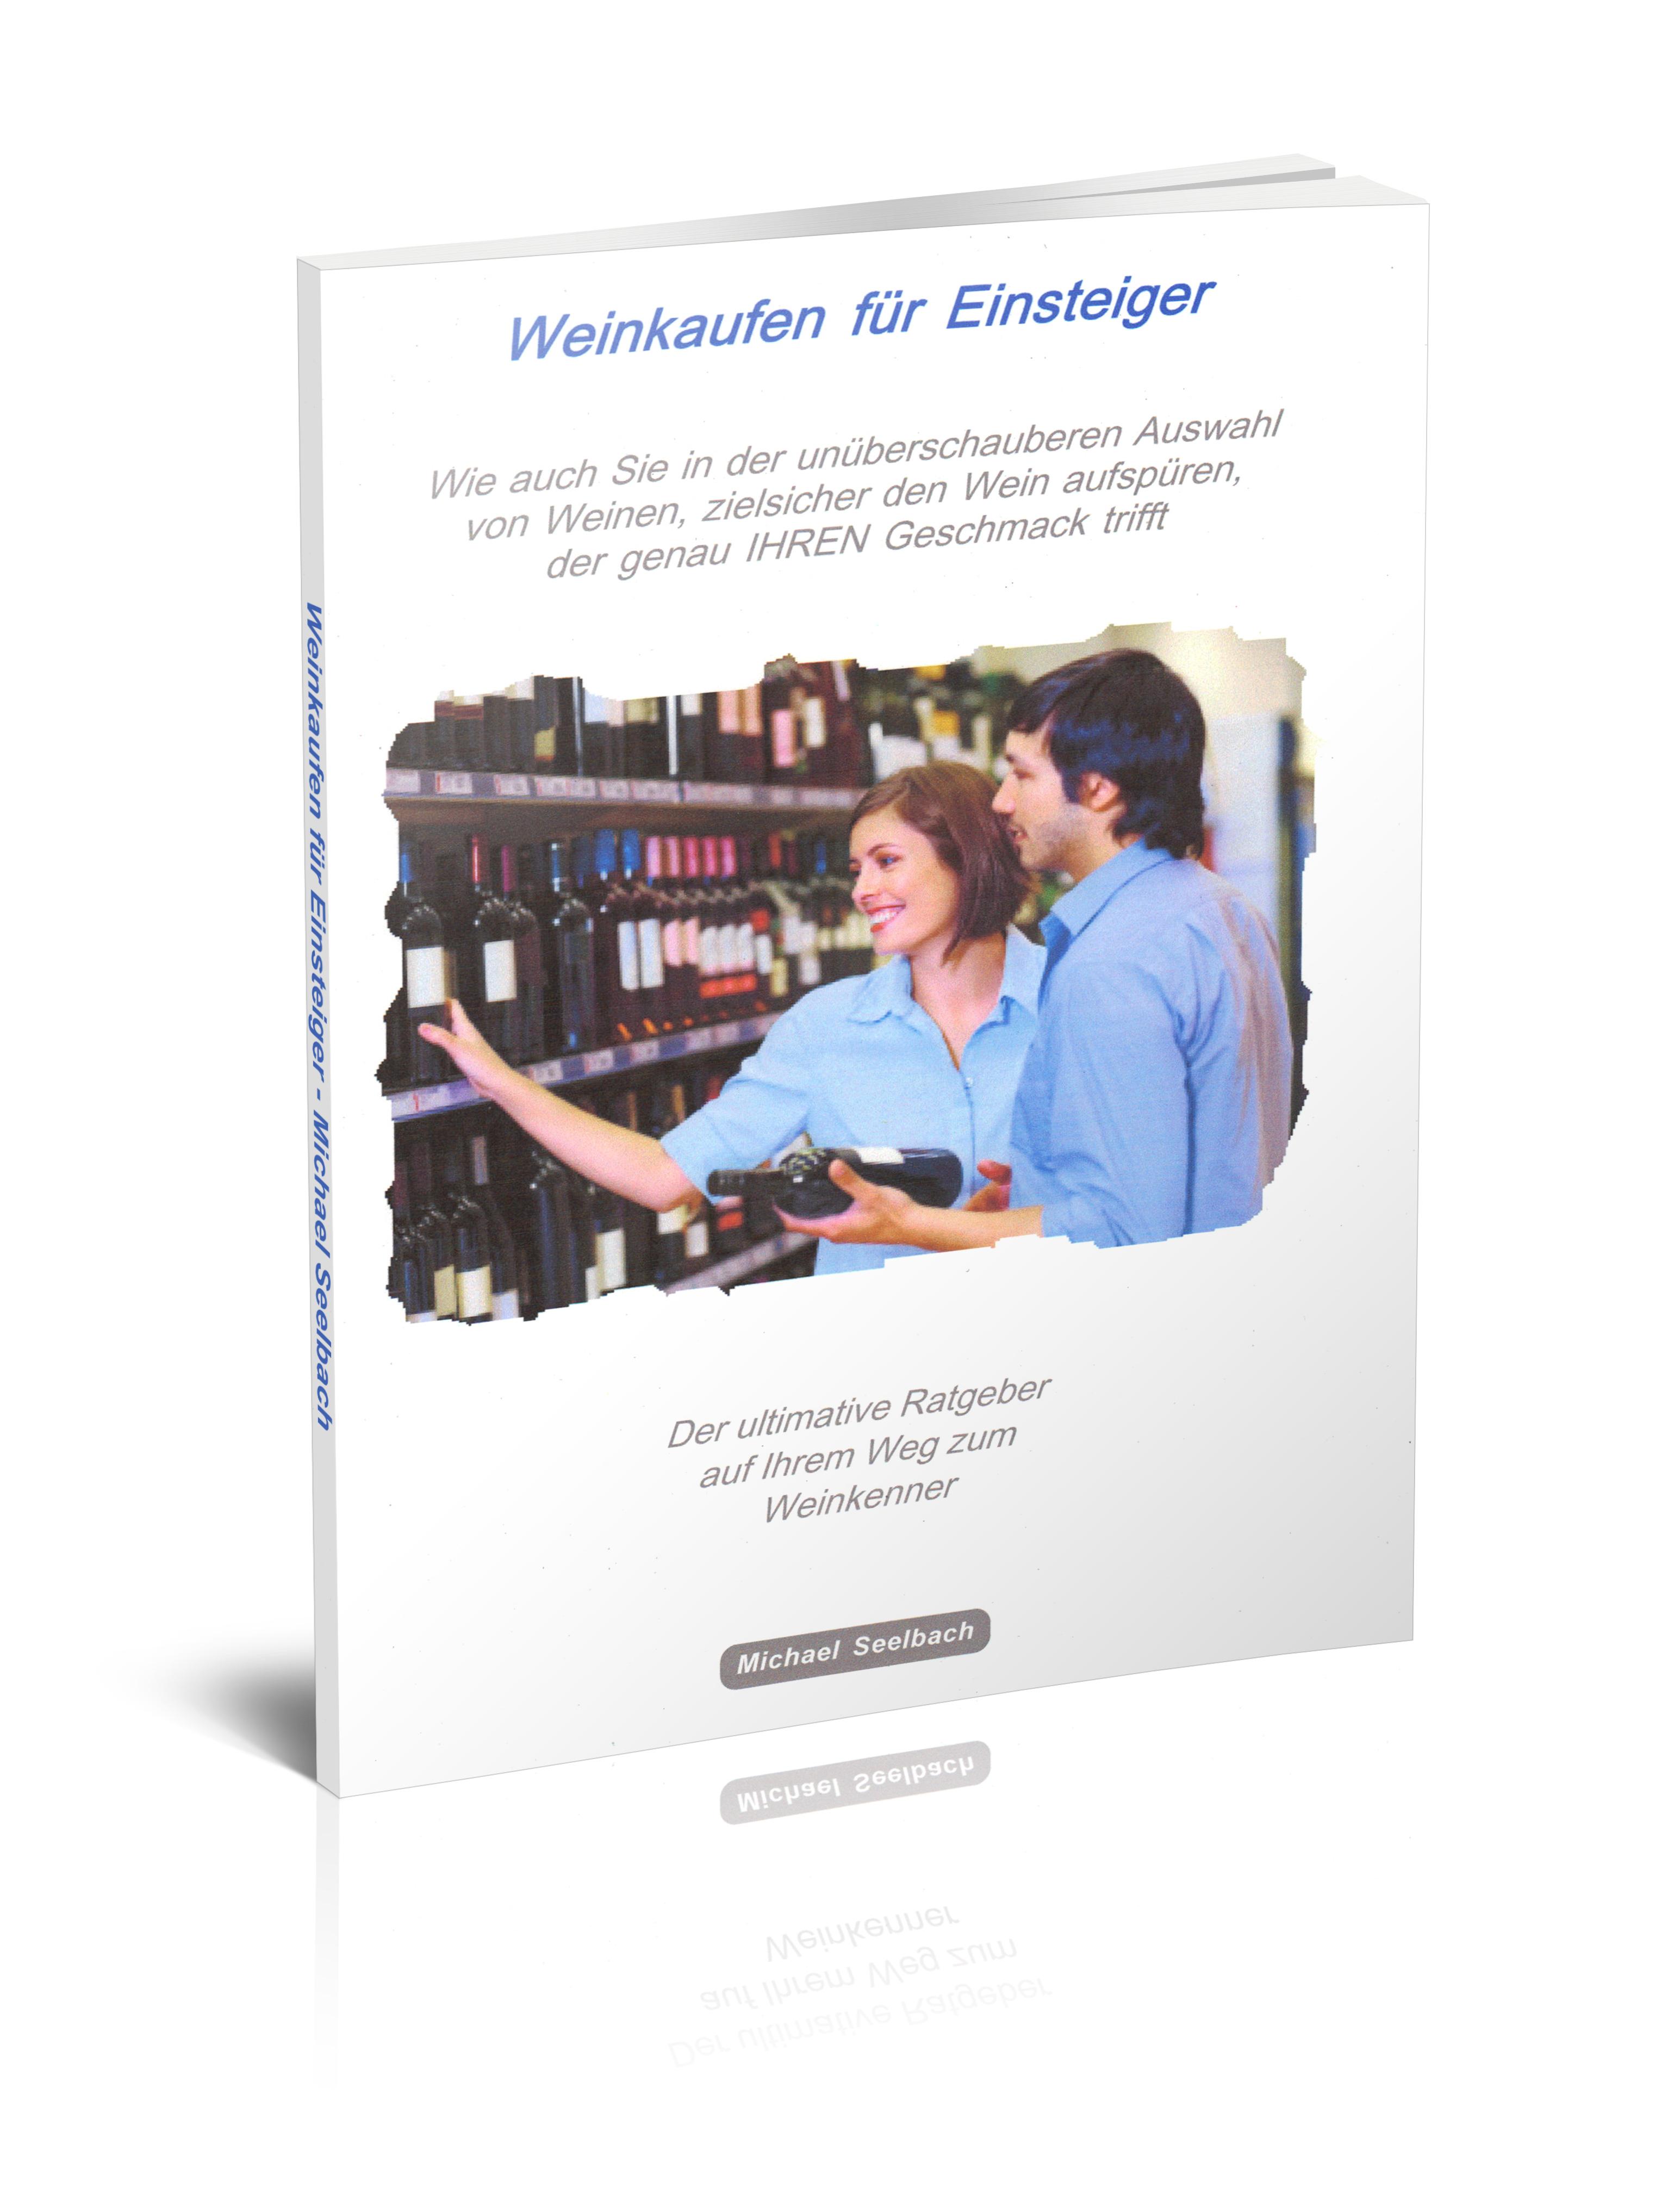 """Geballtes Wissen über Wein im Gratis-Ratgeber """"Wein kaufen für Einsteiger"""""""